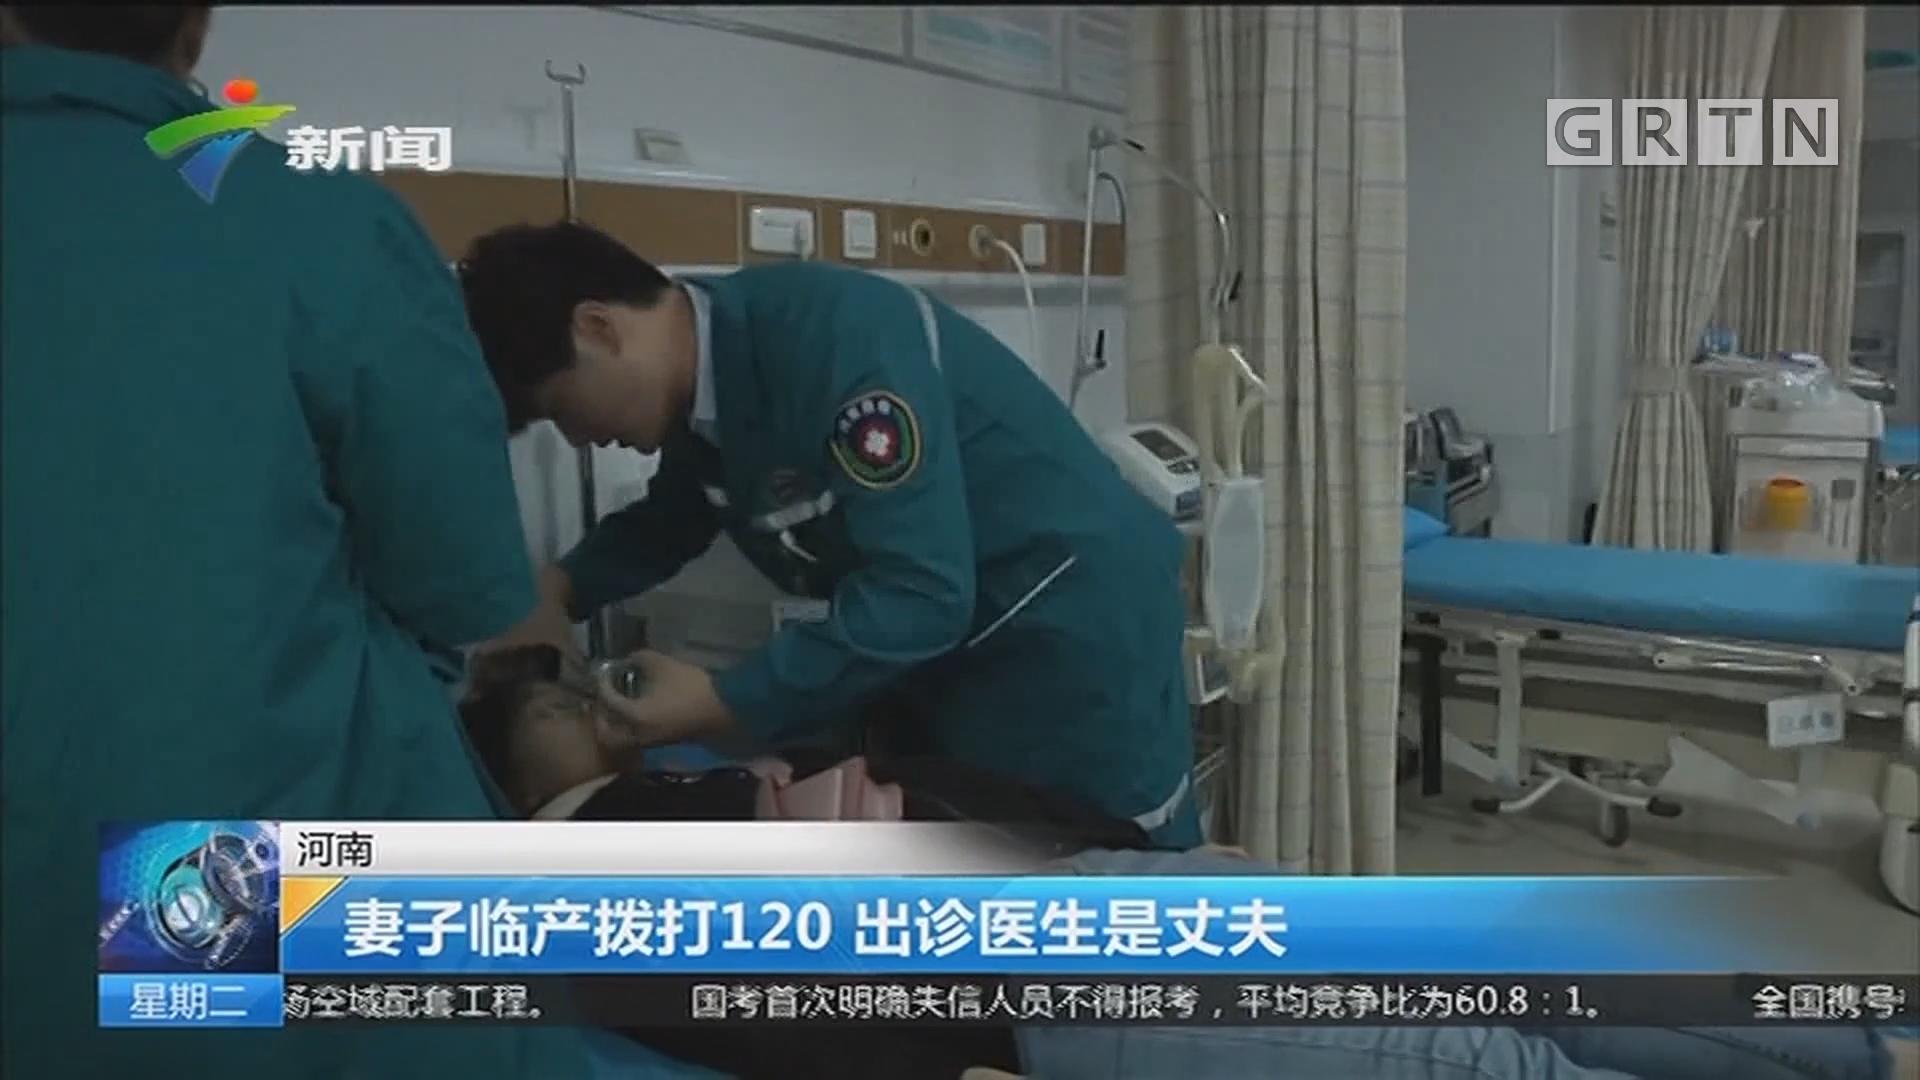 河南:妻子临产拨打120 出诊医生是丈夫